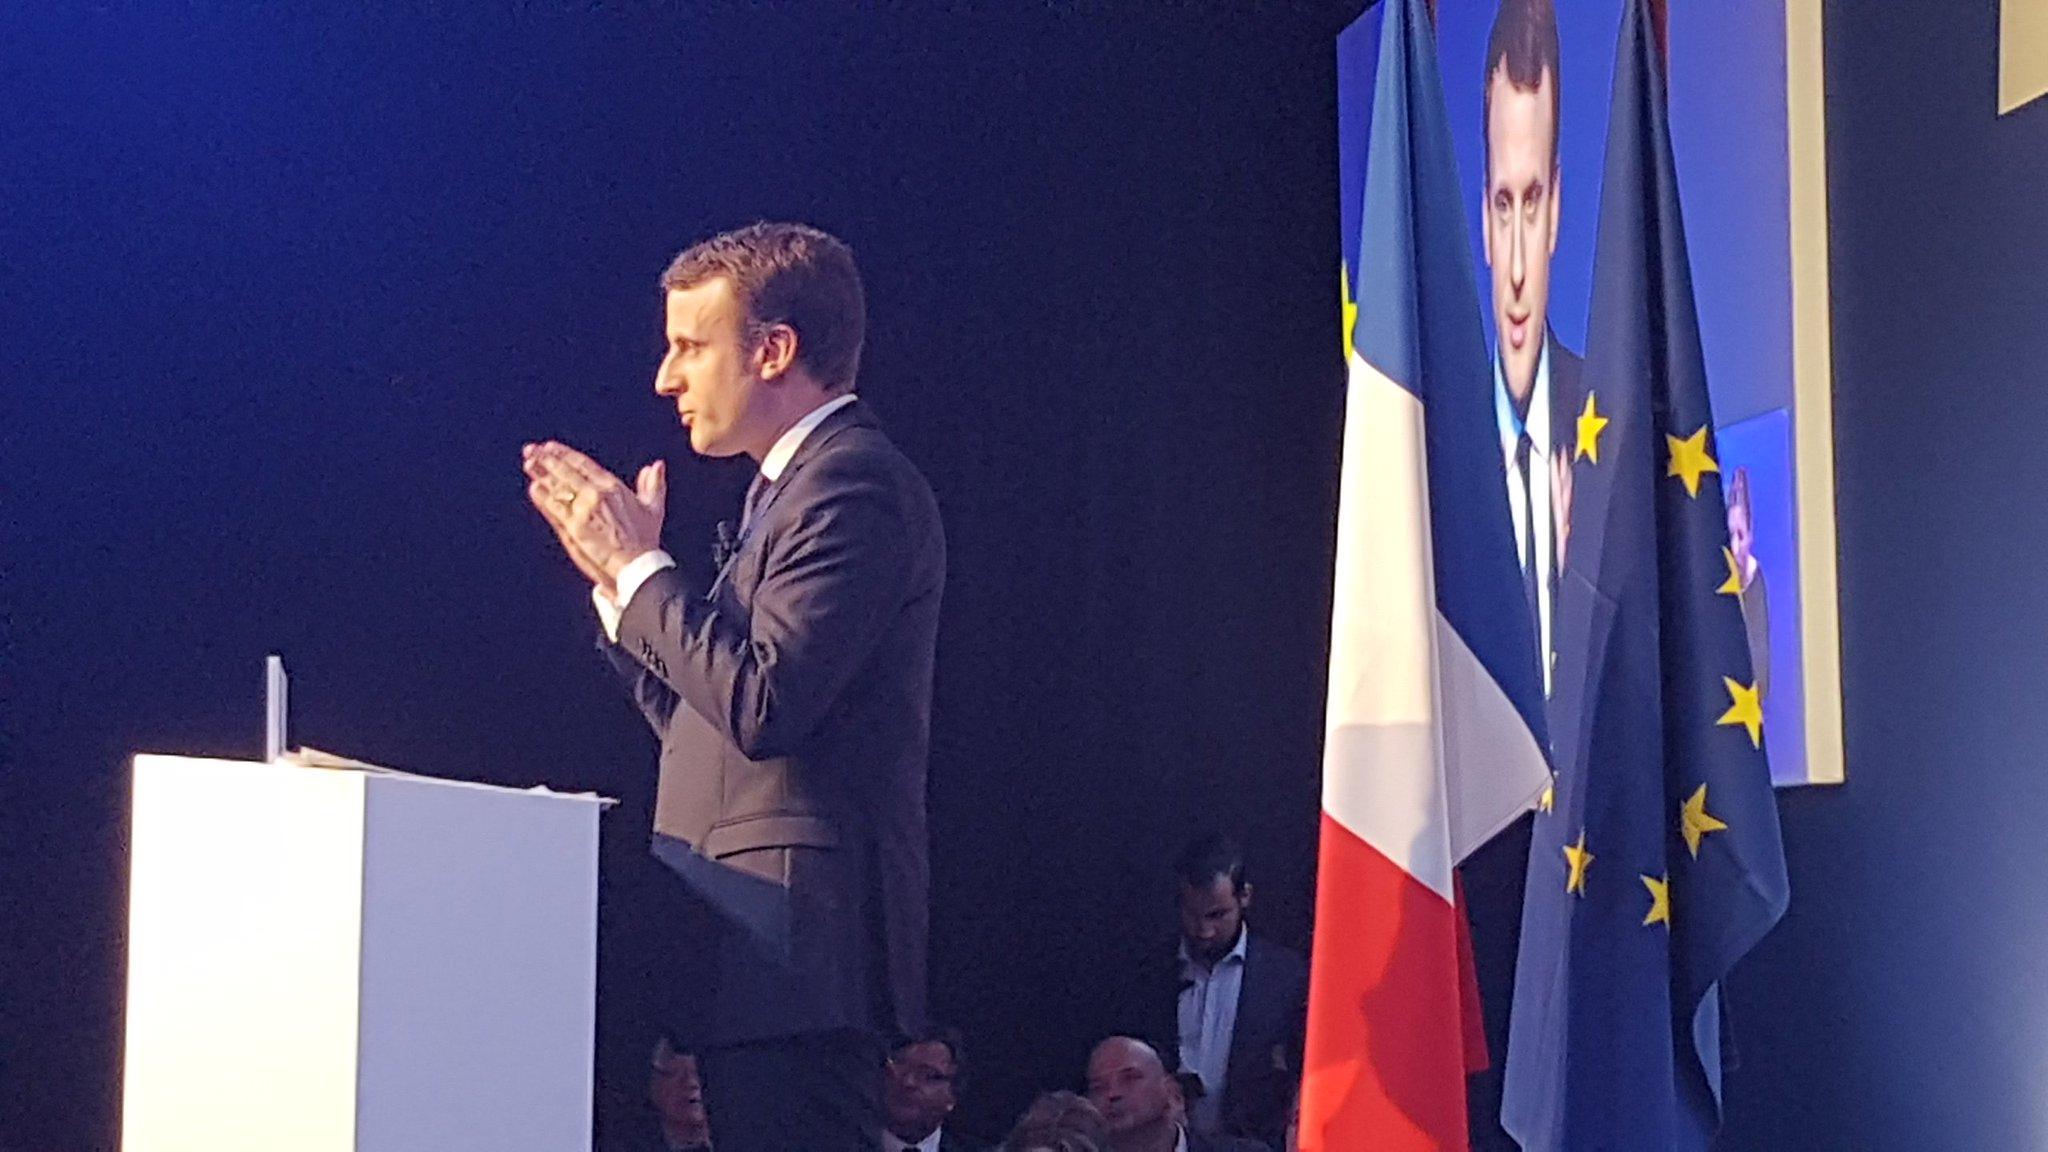 Macron, en marche pour l'avenir ! Retrouvez ma tribune sur le programme d' @EmmanuelMacron  https://t.co/eDB0Ukw3Bw https://t.co/enosoSjc9P